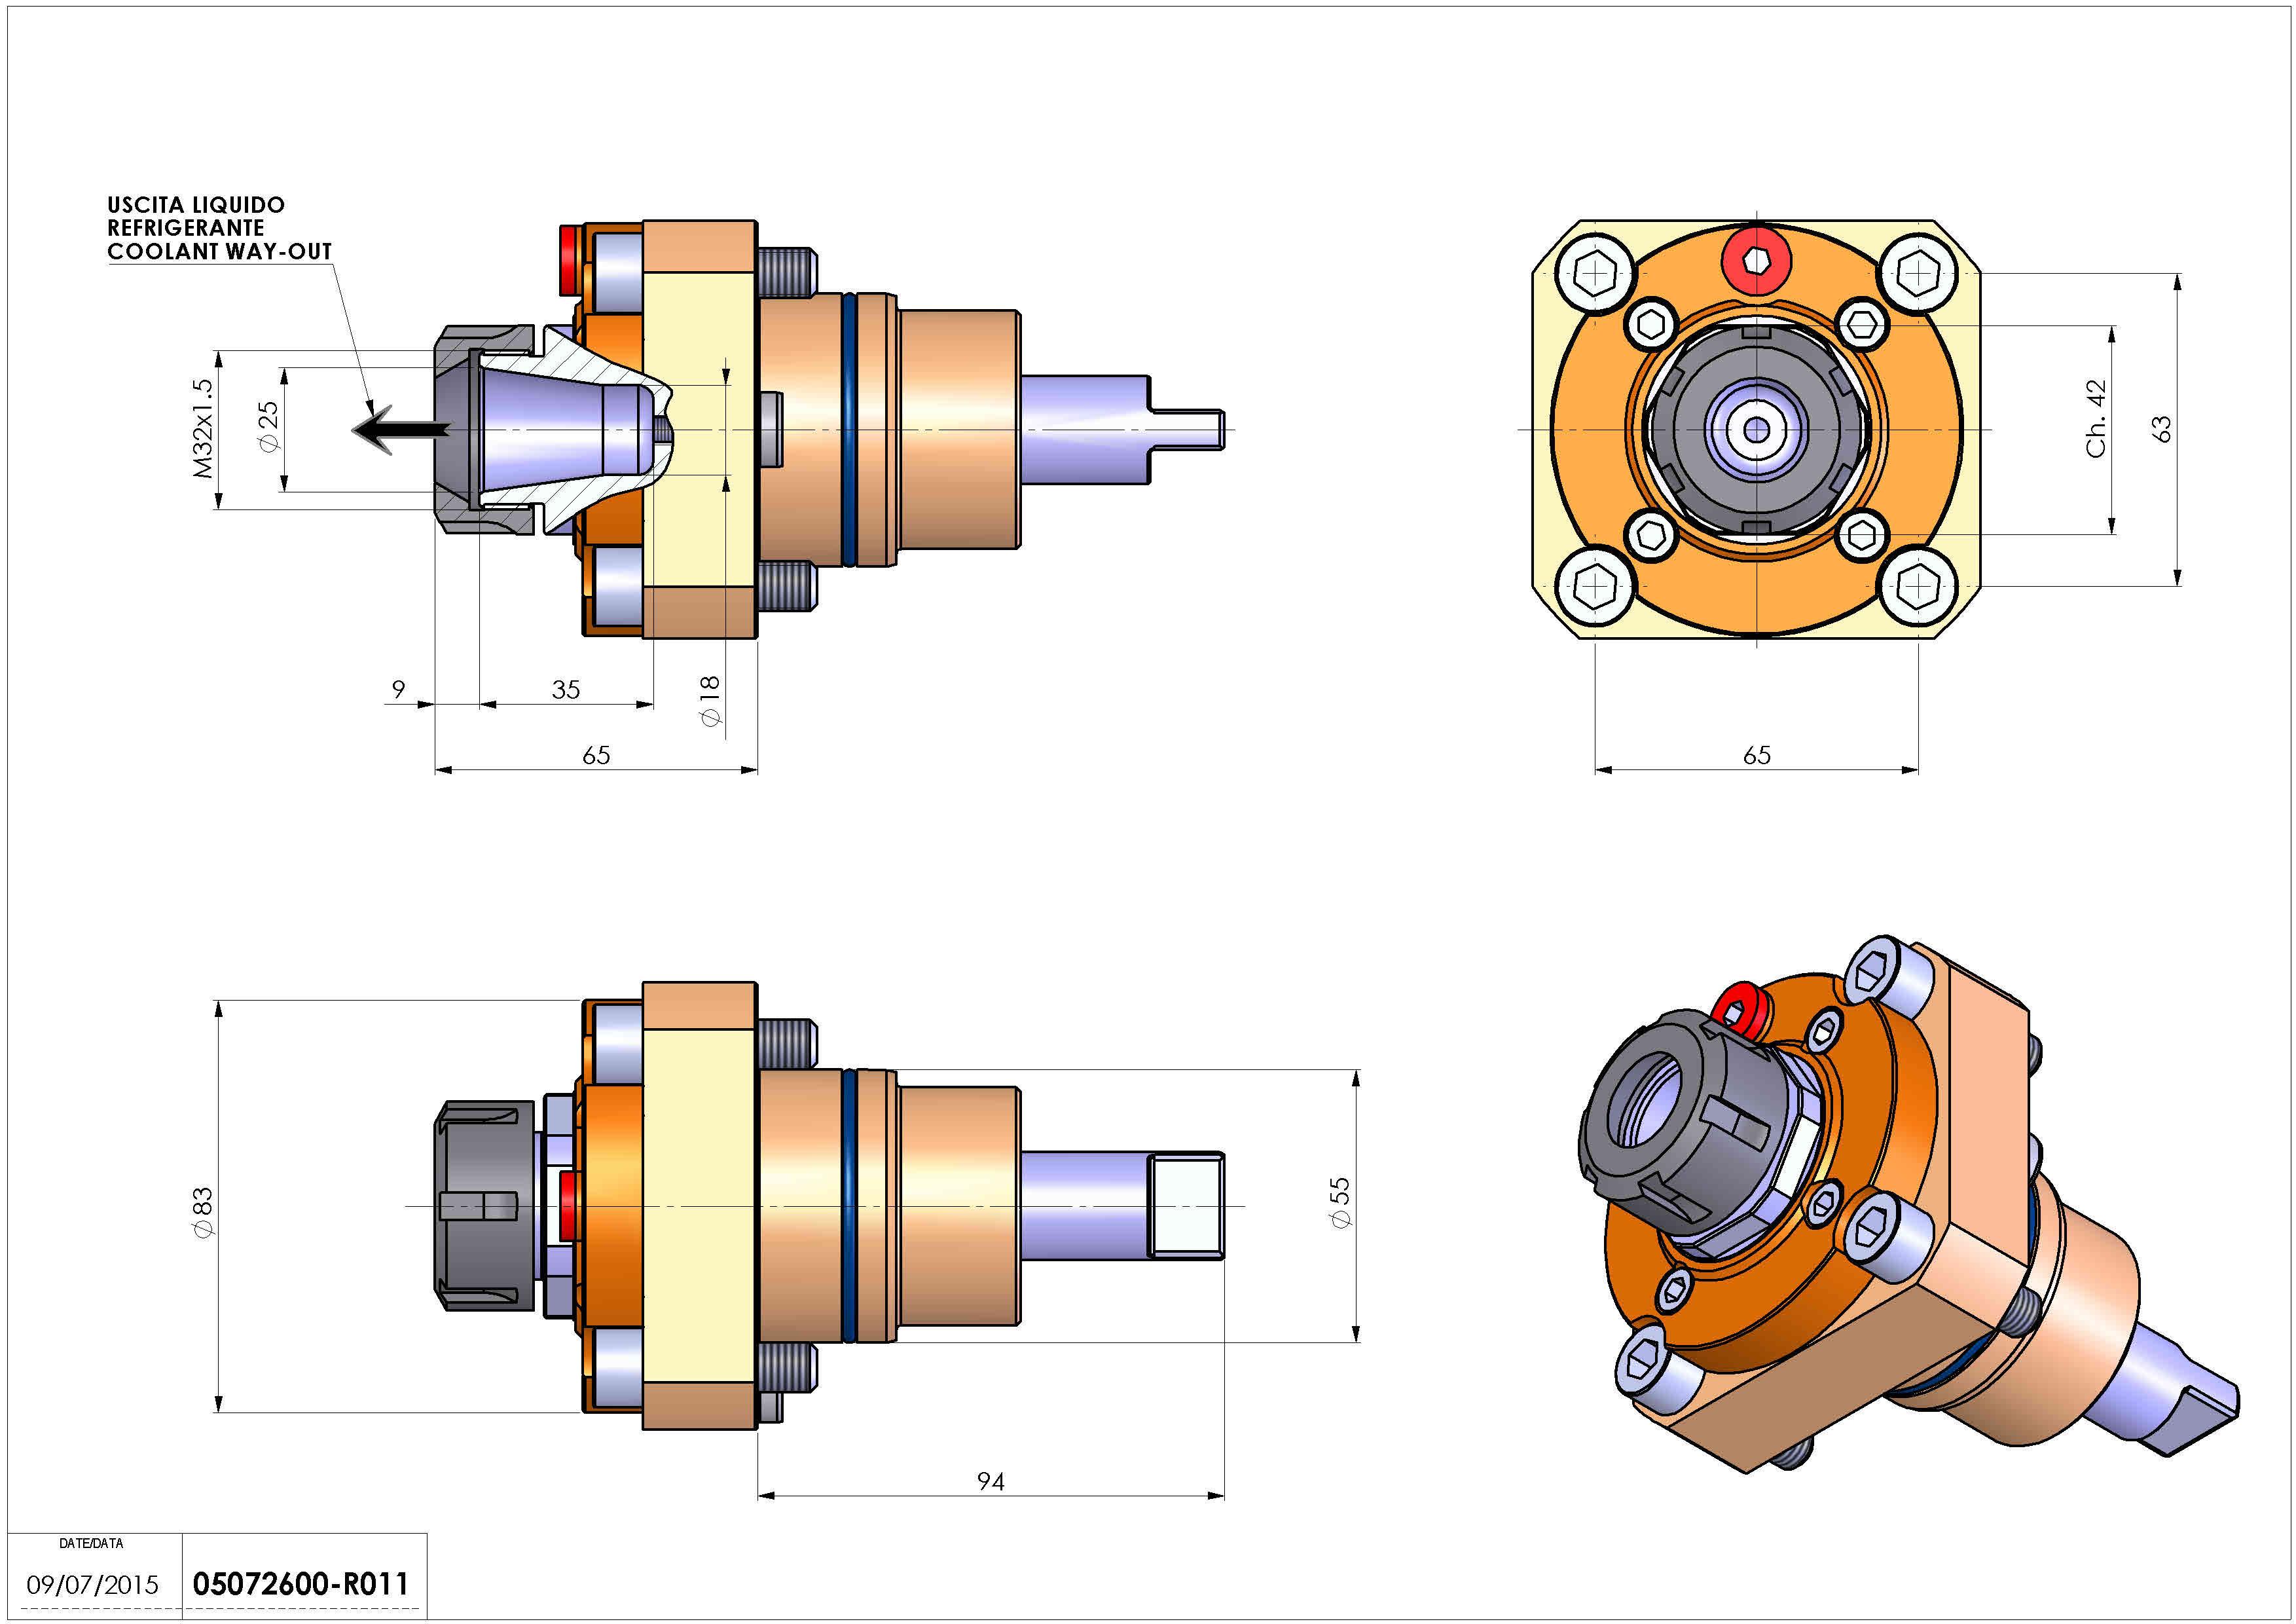 Technical image - LT-S D55 ER25 RF H65 BI.